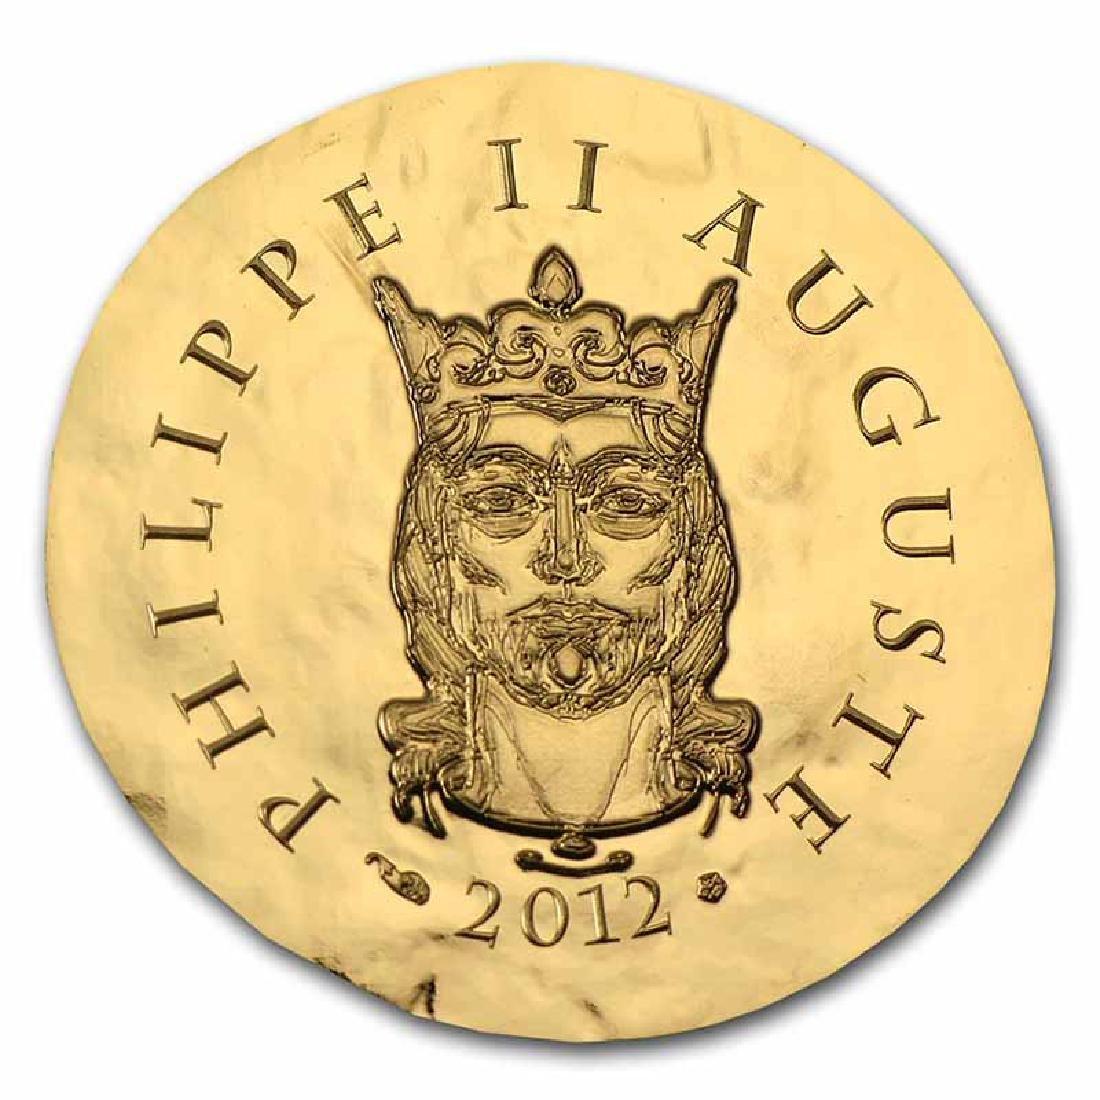 France 2012 1/4 oz Proof Gold